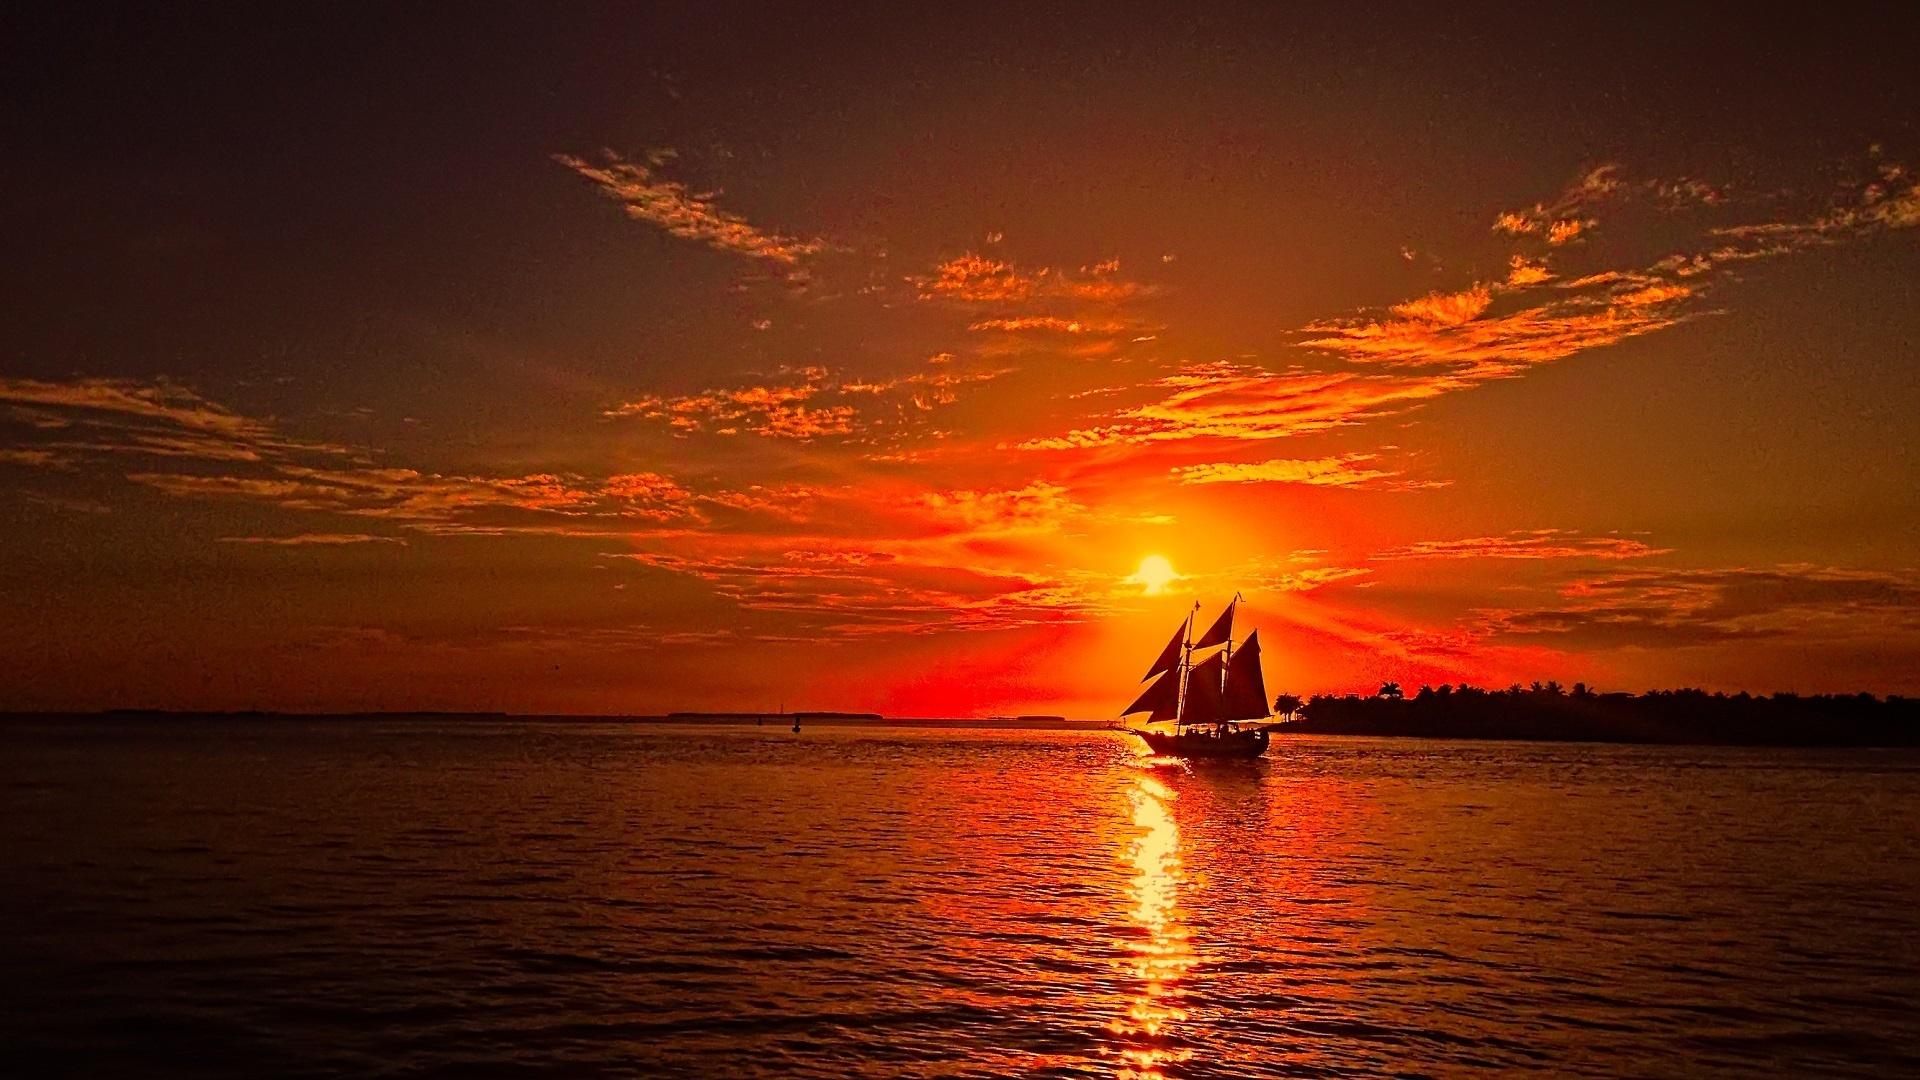 море корабли закаты картинки позже стали